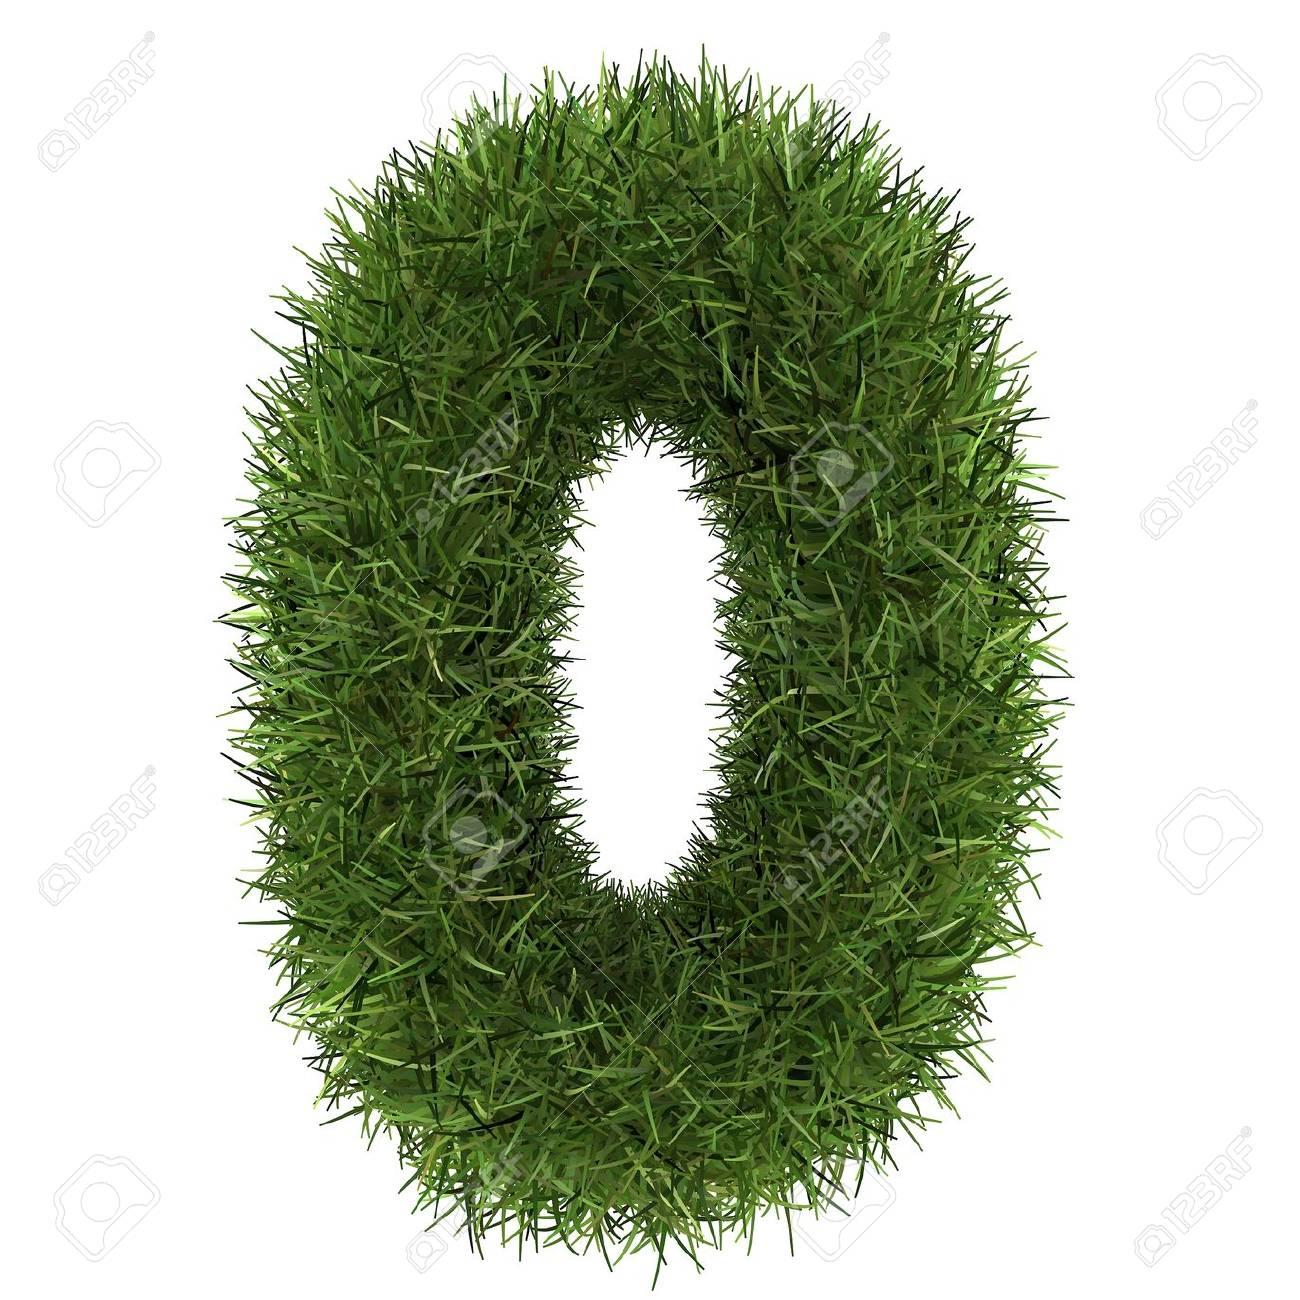 numero 0 di verde concetto di erba isolato su bianco Archivio Fotografico - 30499848